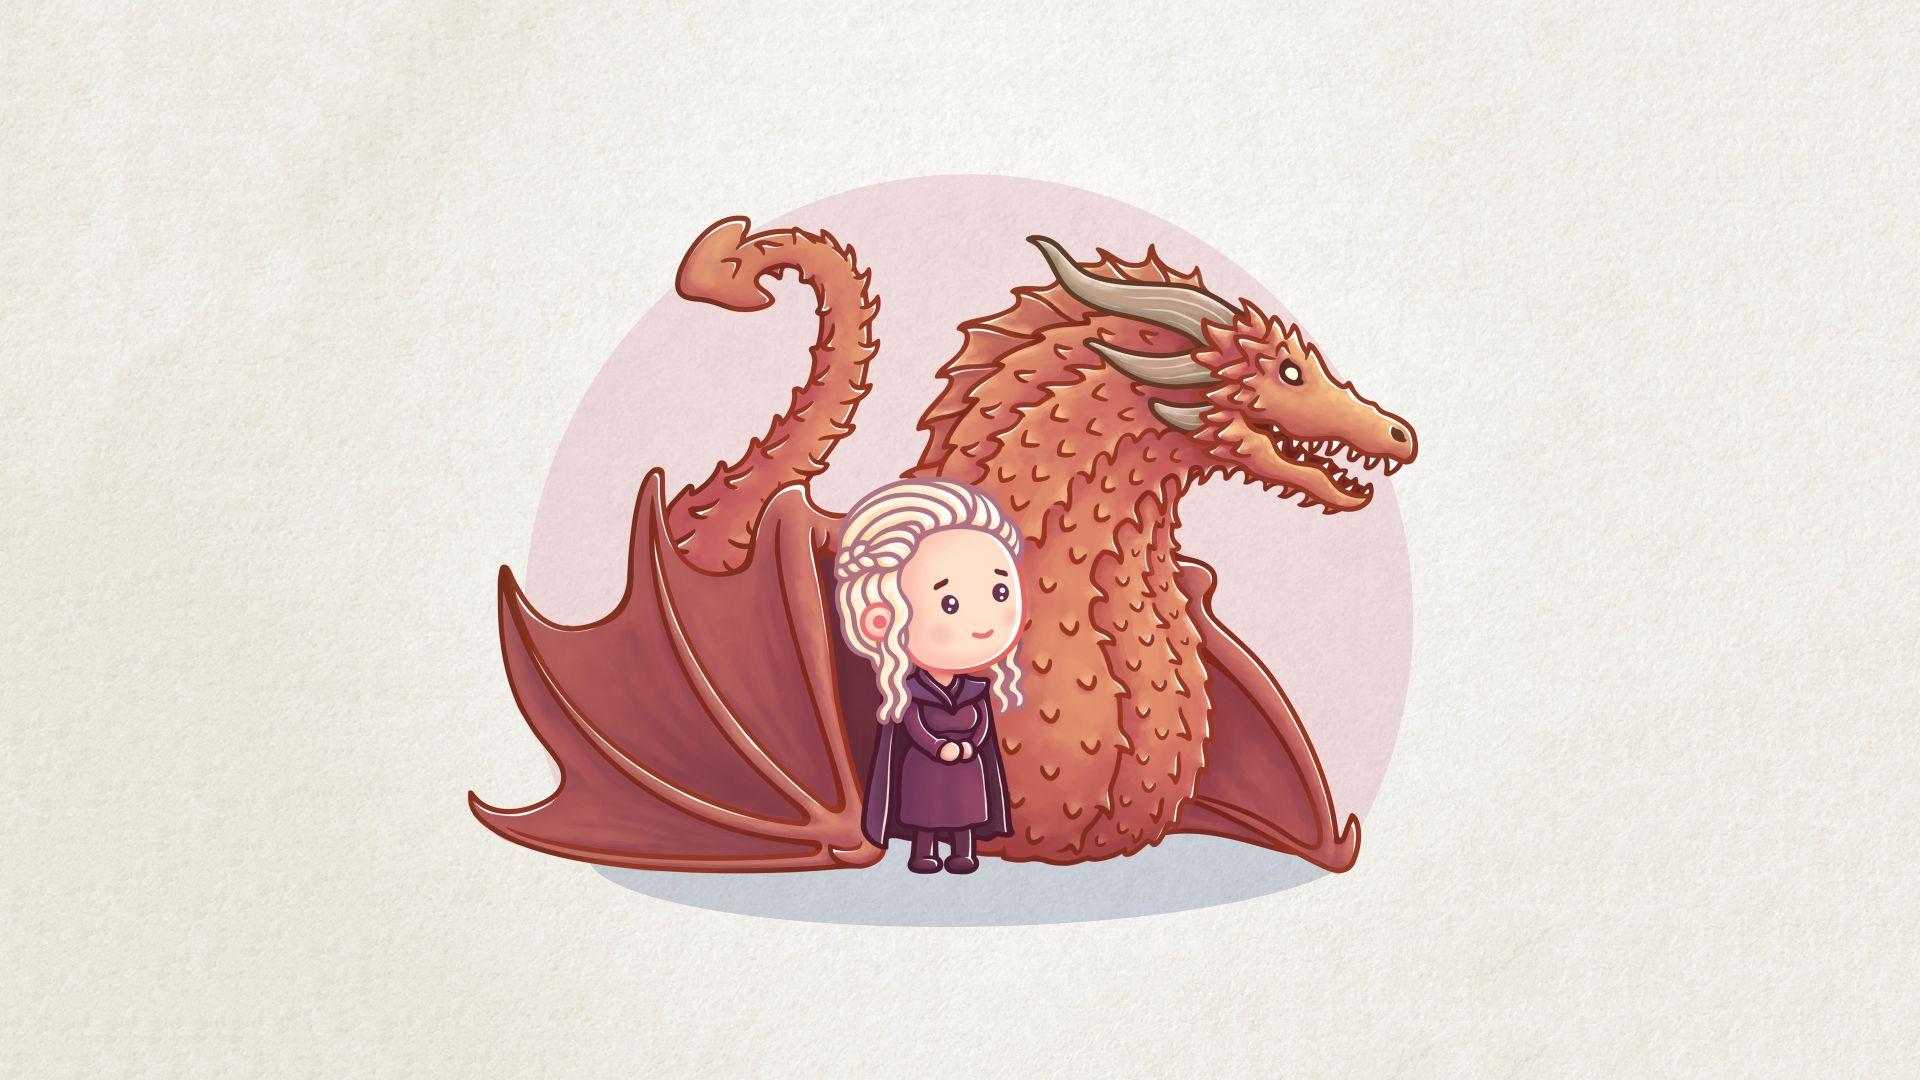 Game of Thrones Daenerys Targaryen chibi fan art